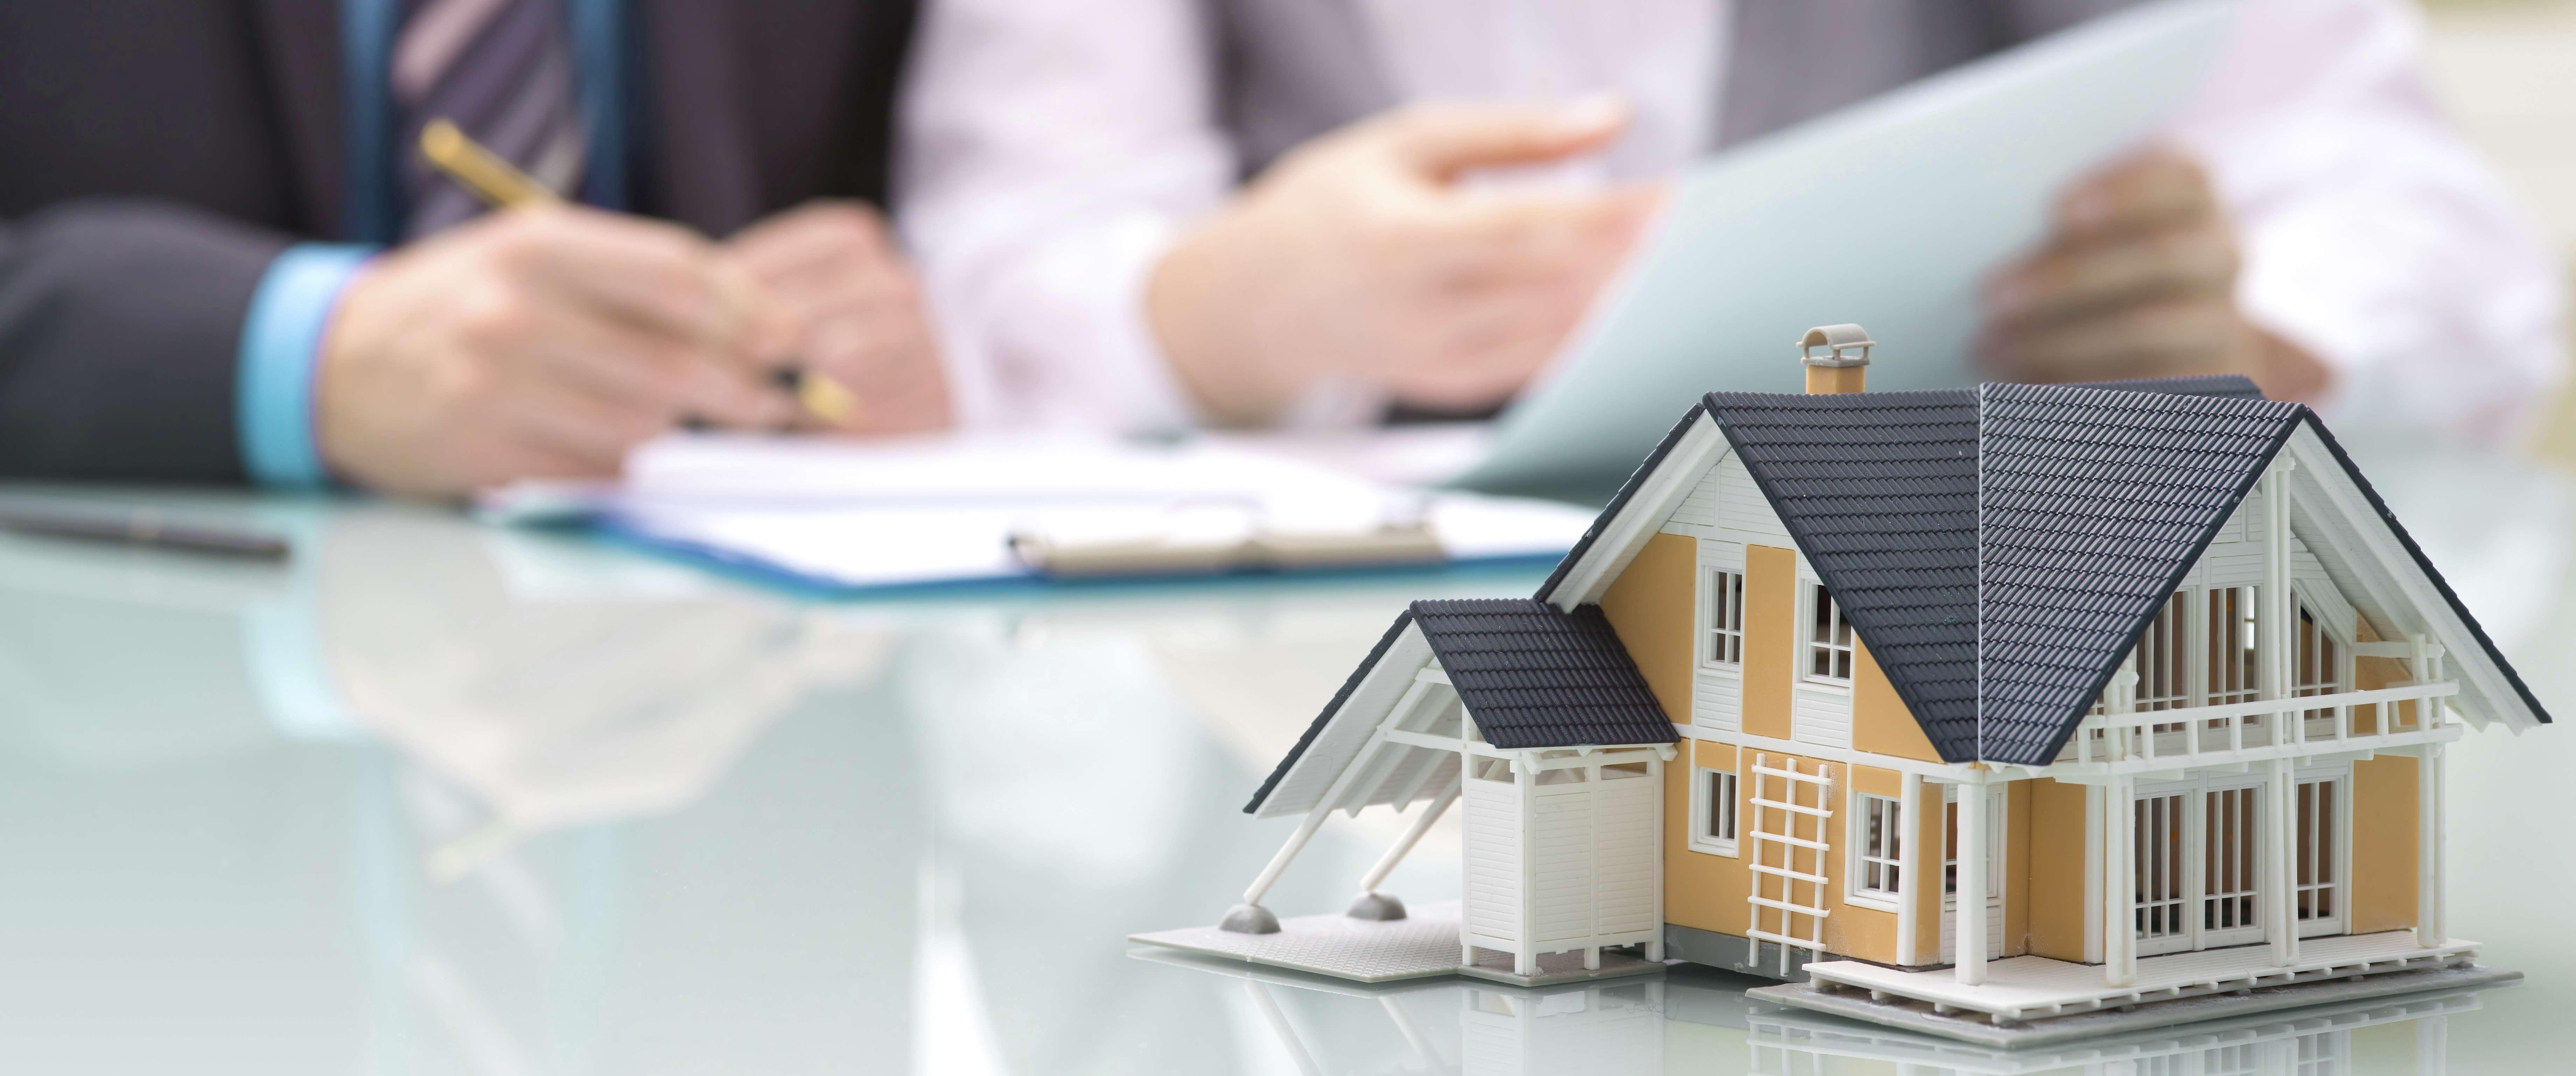 нотариусы сопровождение сделок по недвижимости